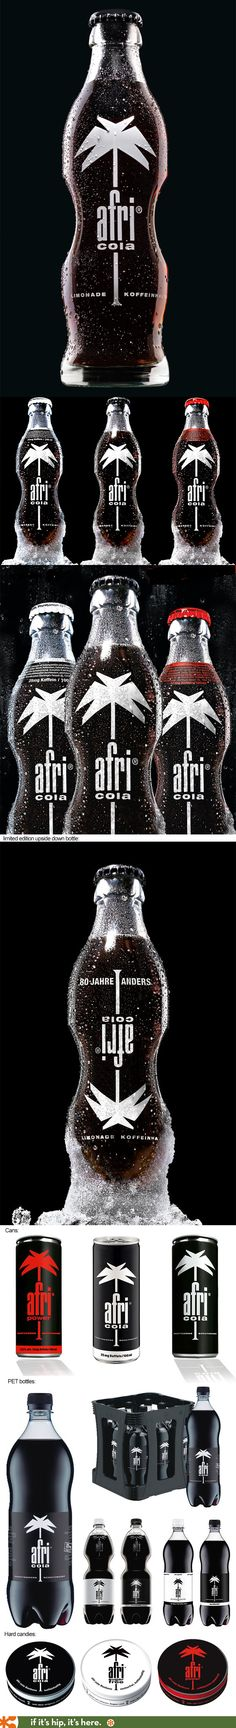 Afri Cola's ergonomic bottles, plastic bottles, bonbons and special limited edition upside down bottle design.